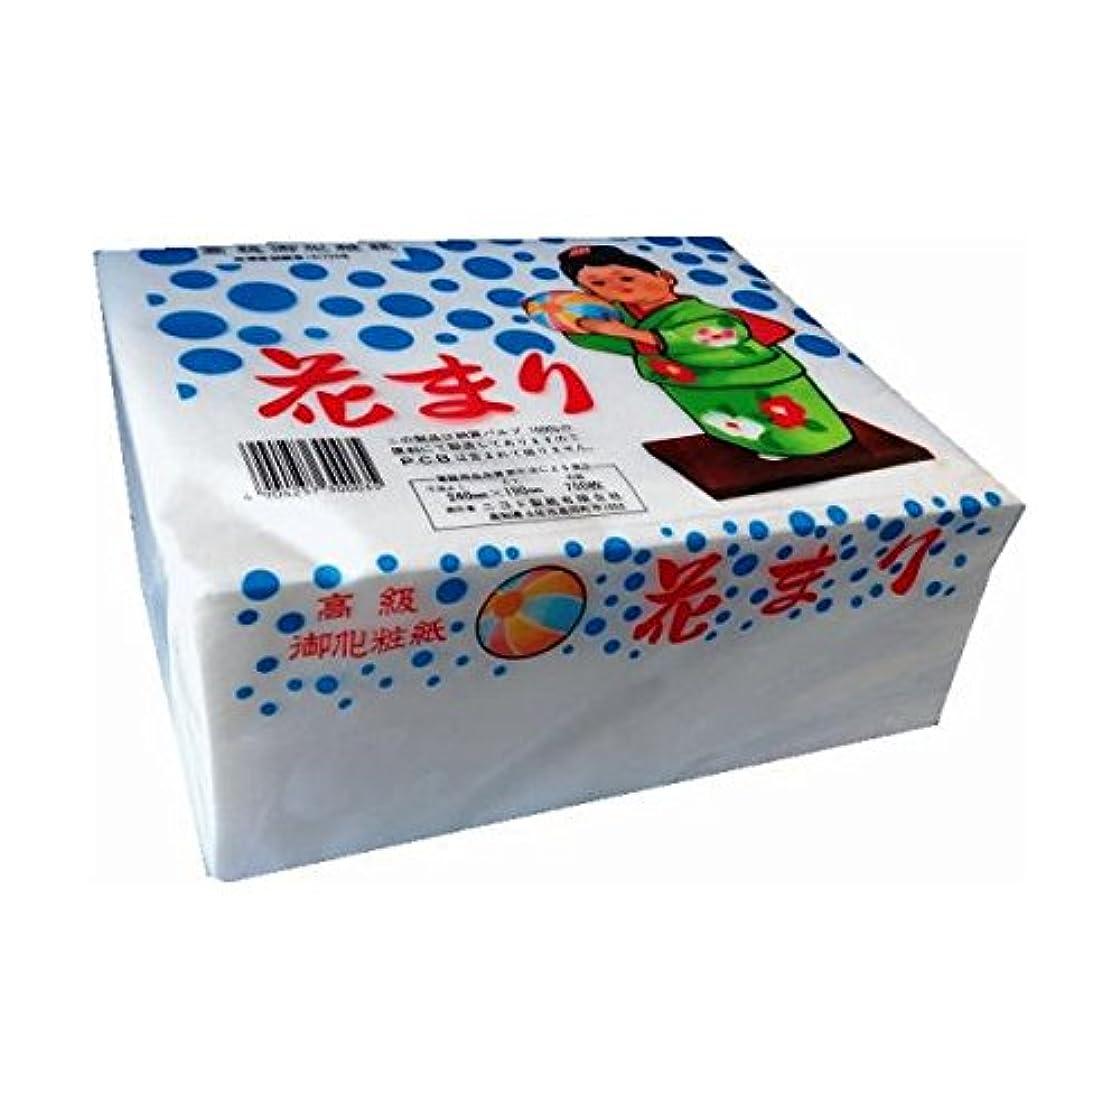 鍔最後の覗くニヨド製紙:高級御化粧紙 花まり 700枚 5個 4904257300035b